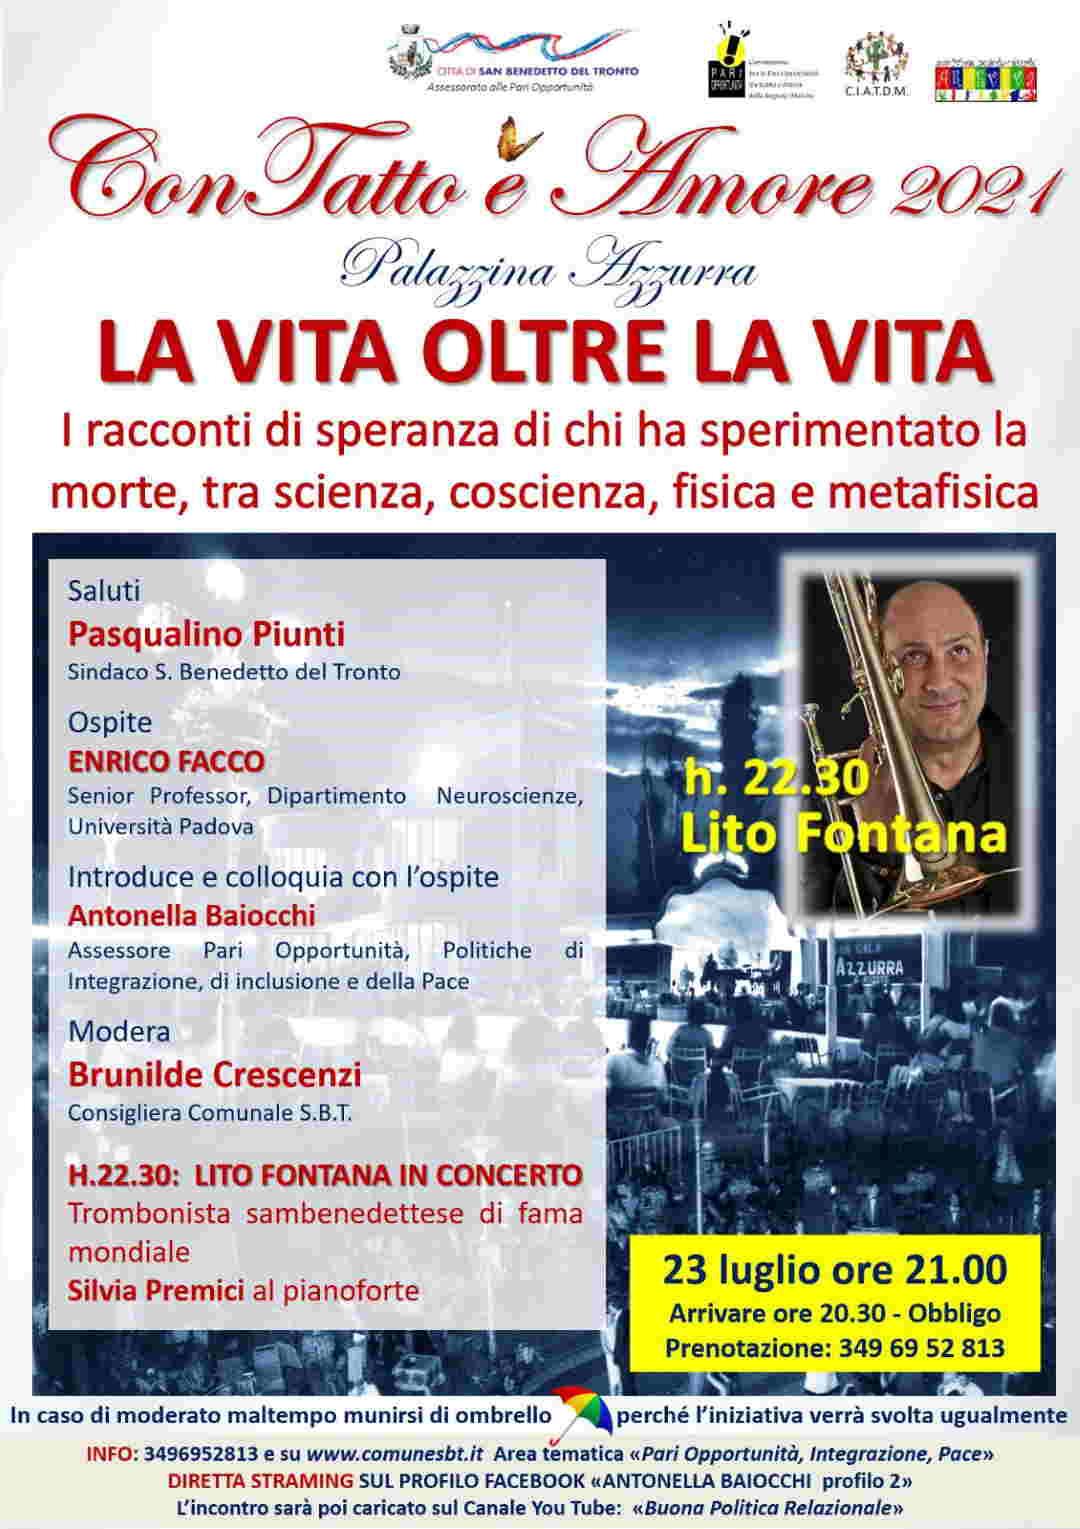 """ConTatto è amore, Enrico Facco: """"vita oltre la vita"""". Lito Fontana in concerto"""